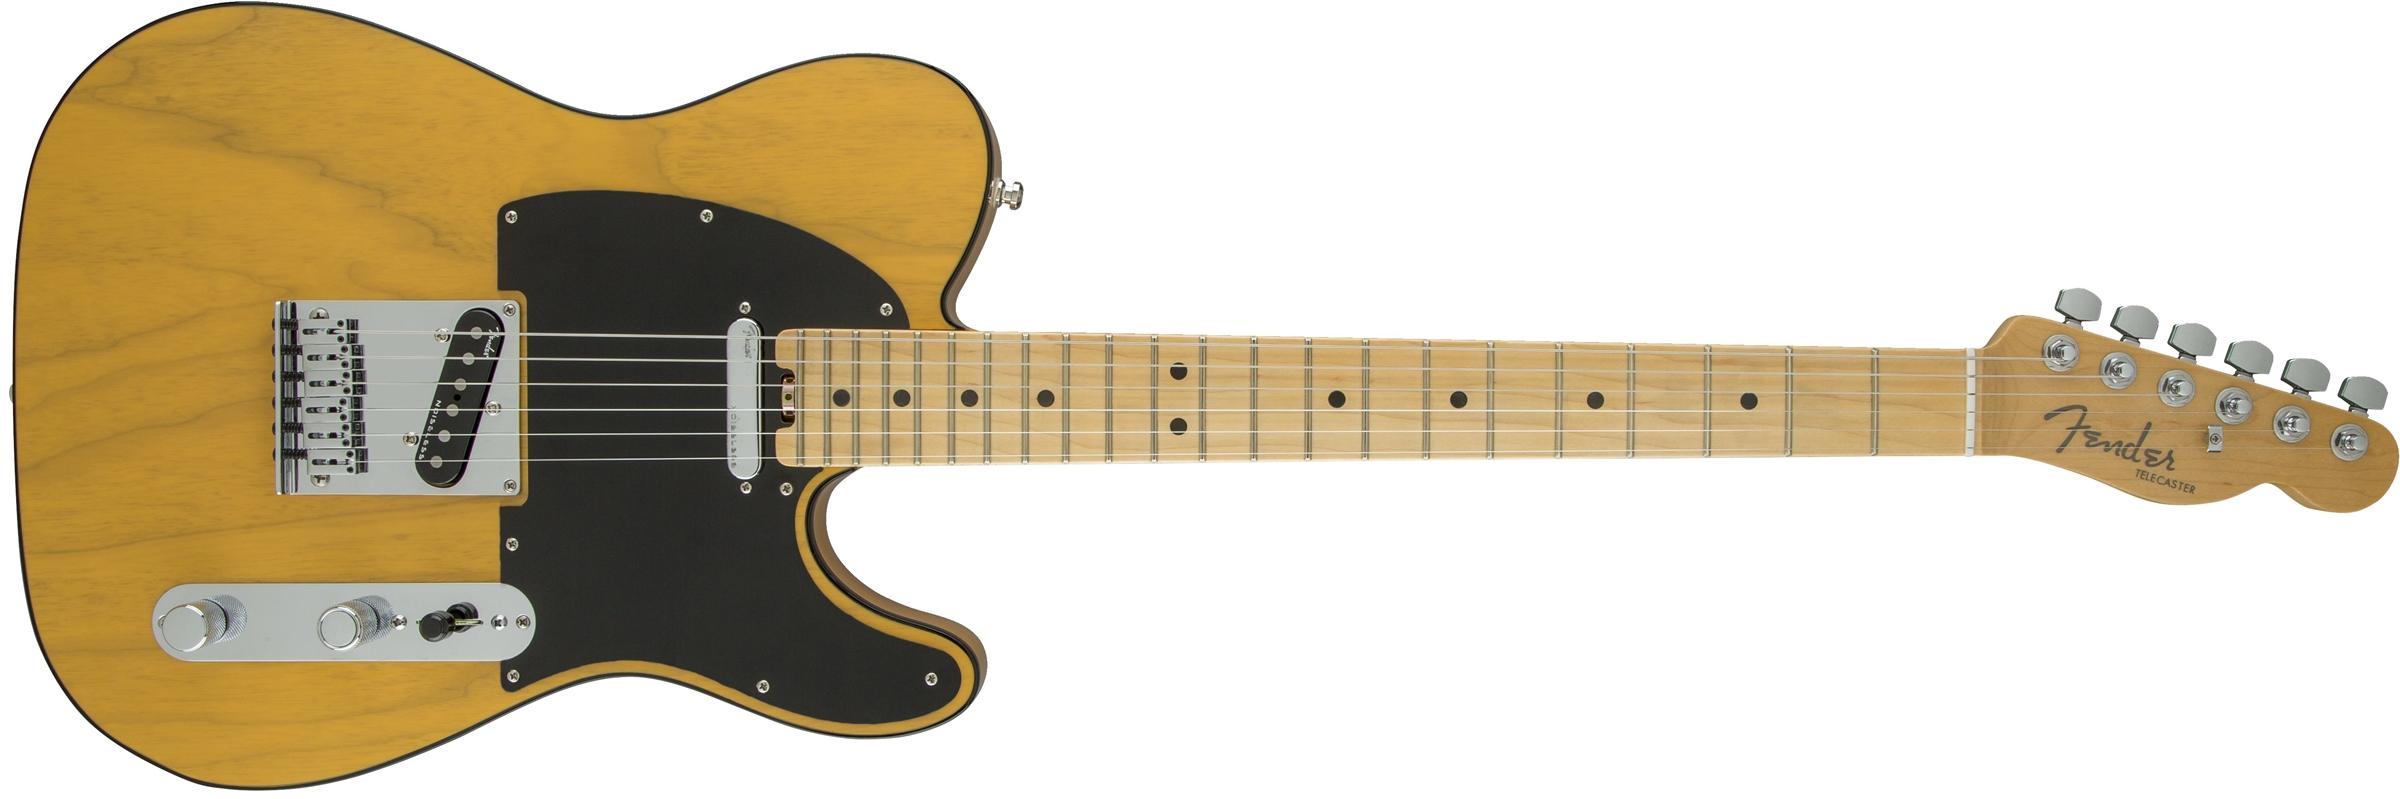 fender american elite telecaster maple fingerboard butterscotch blonde. Black Bedroom Furniture Sets. Home Design Ideas